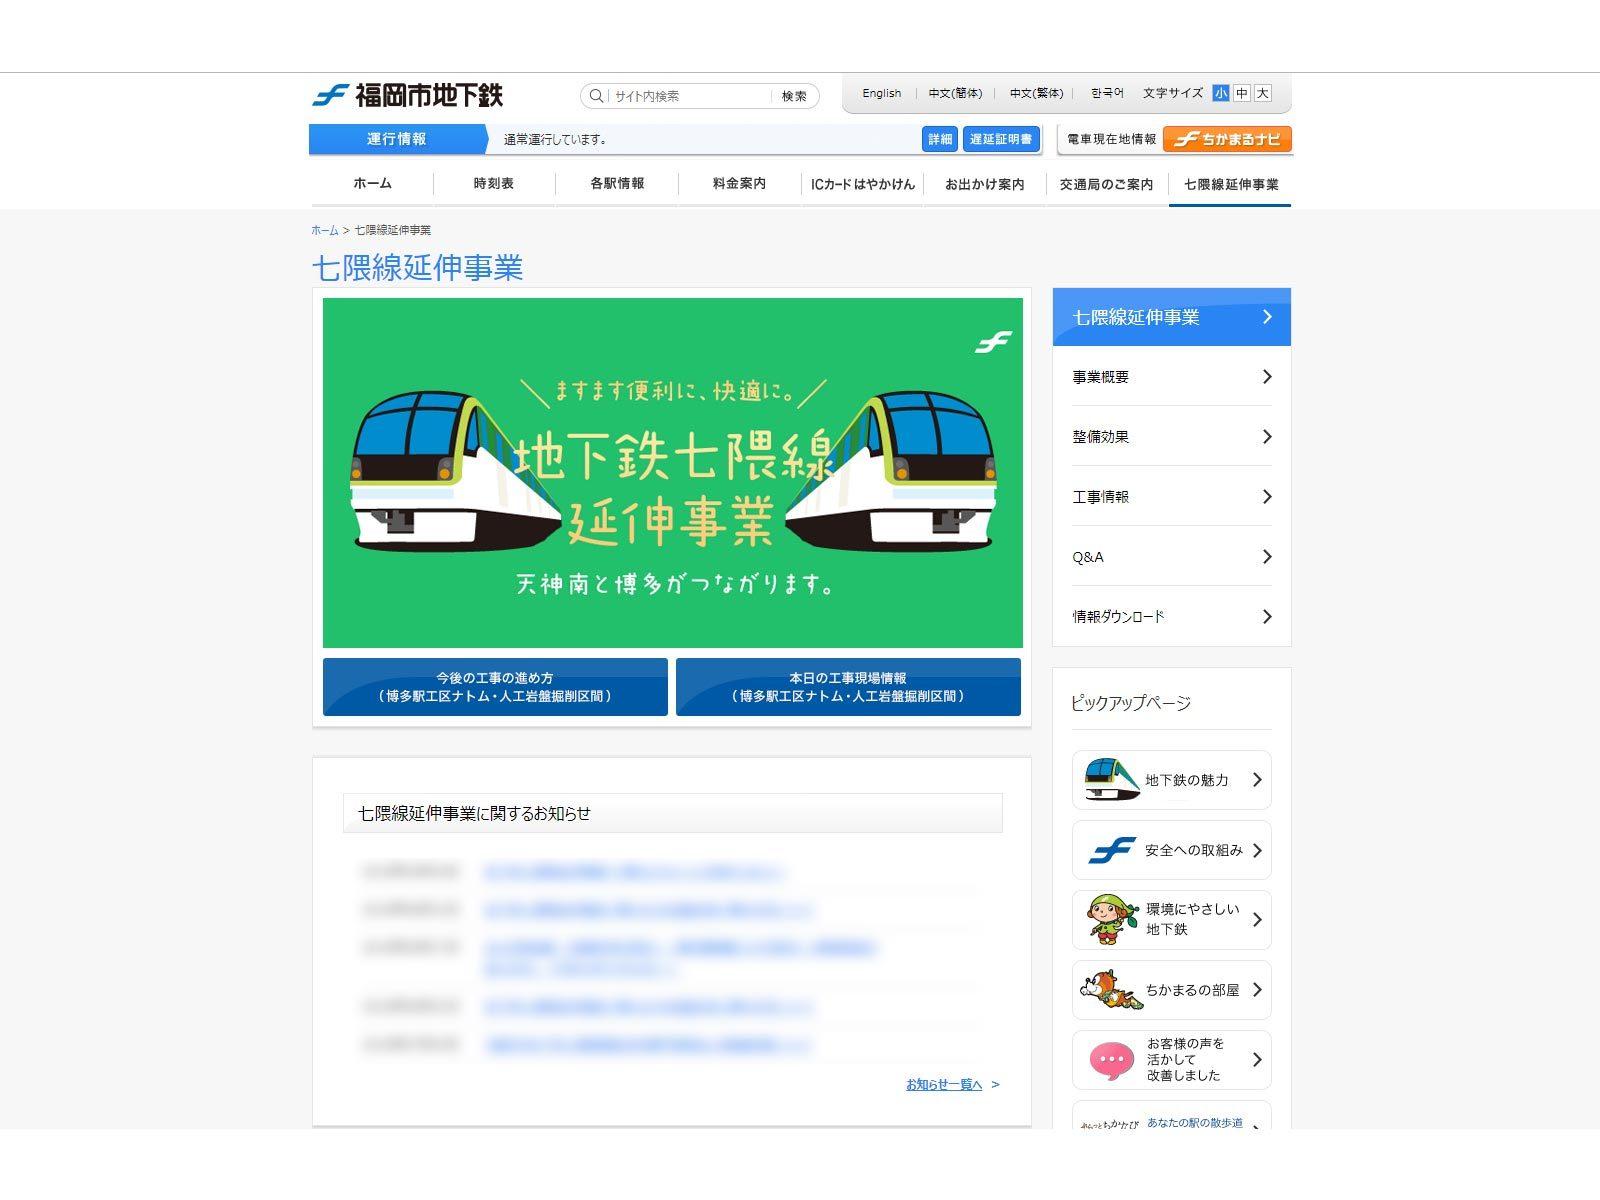 七隈線延伸事業のイメージ図